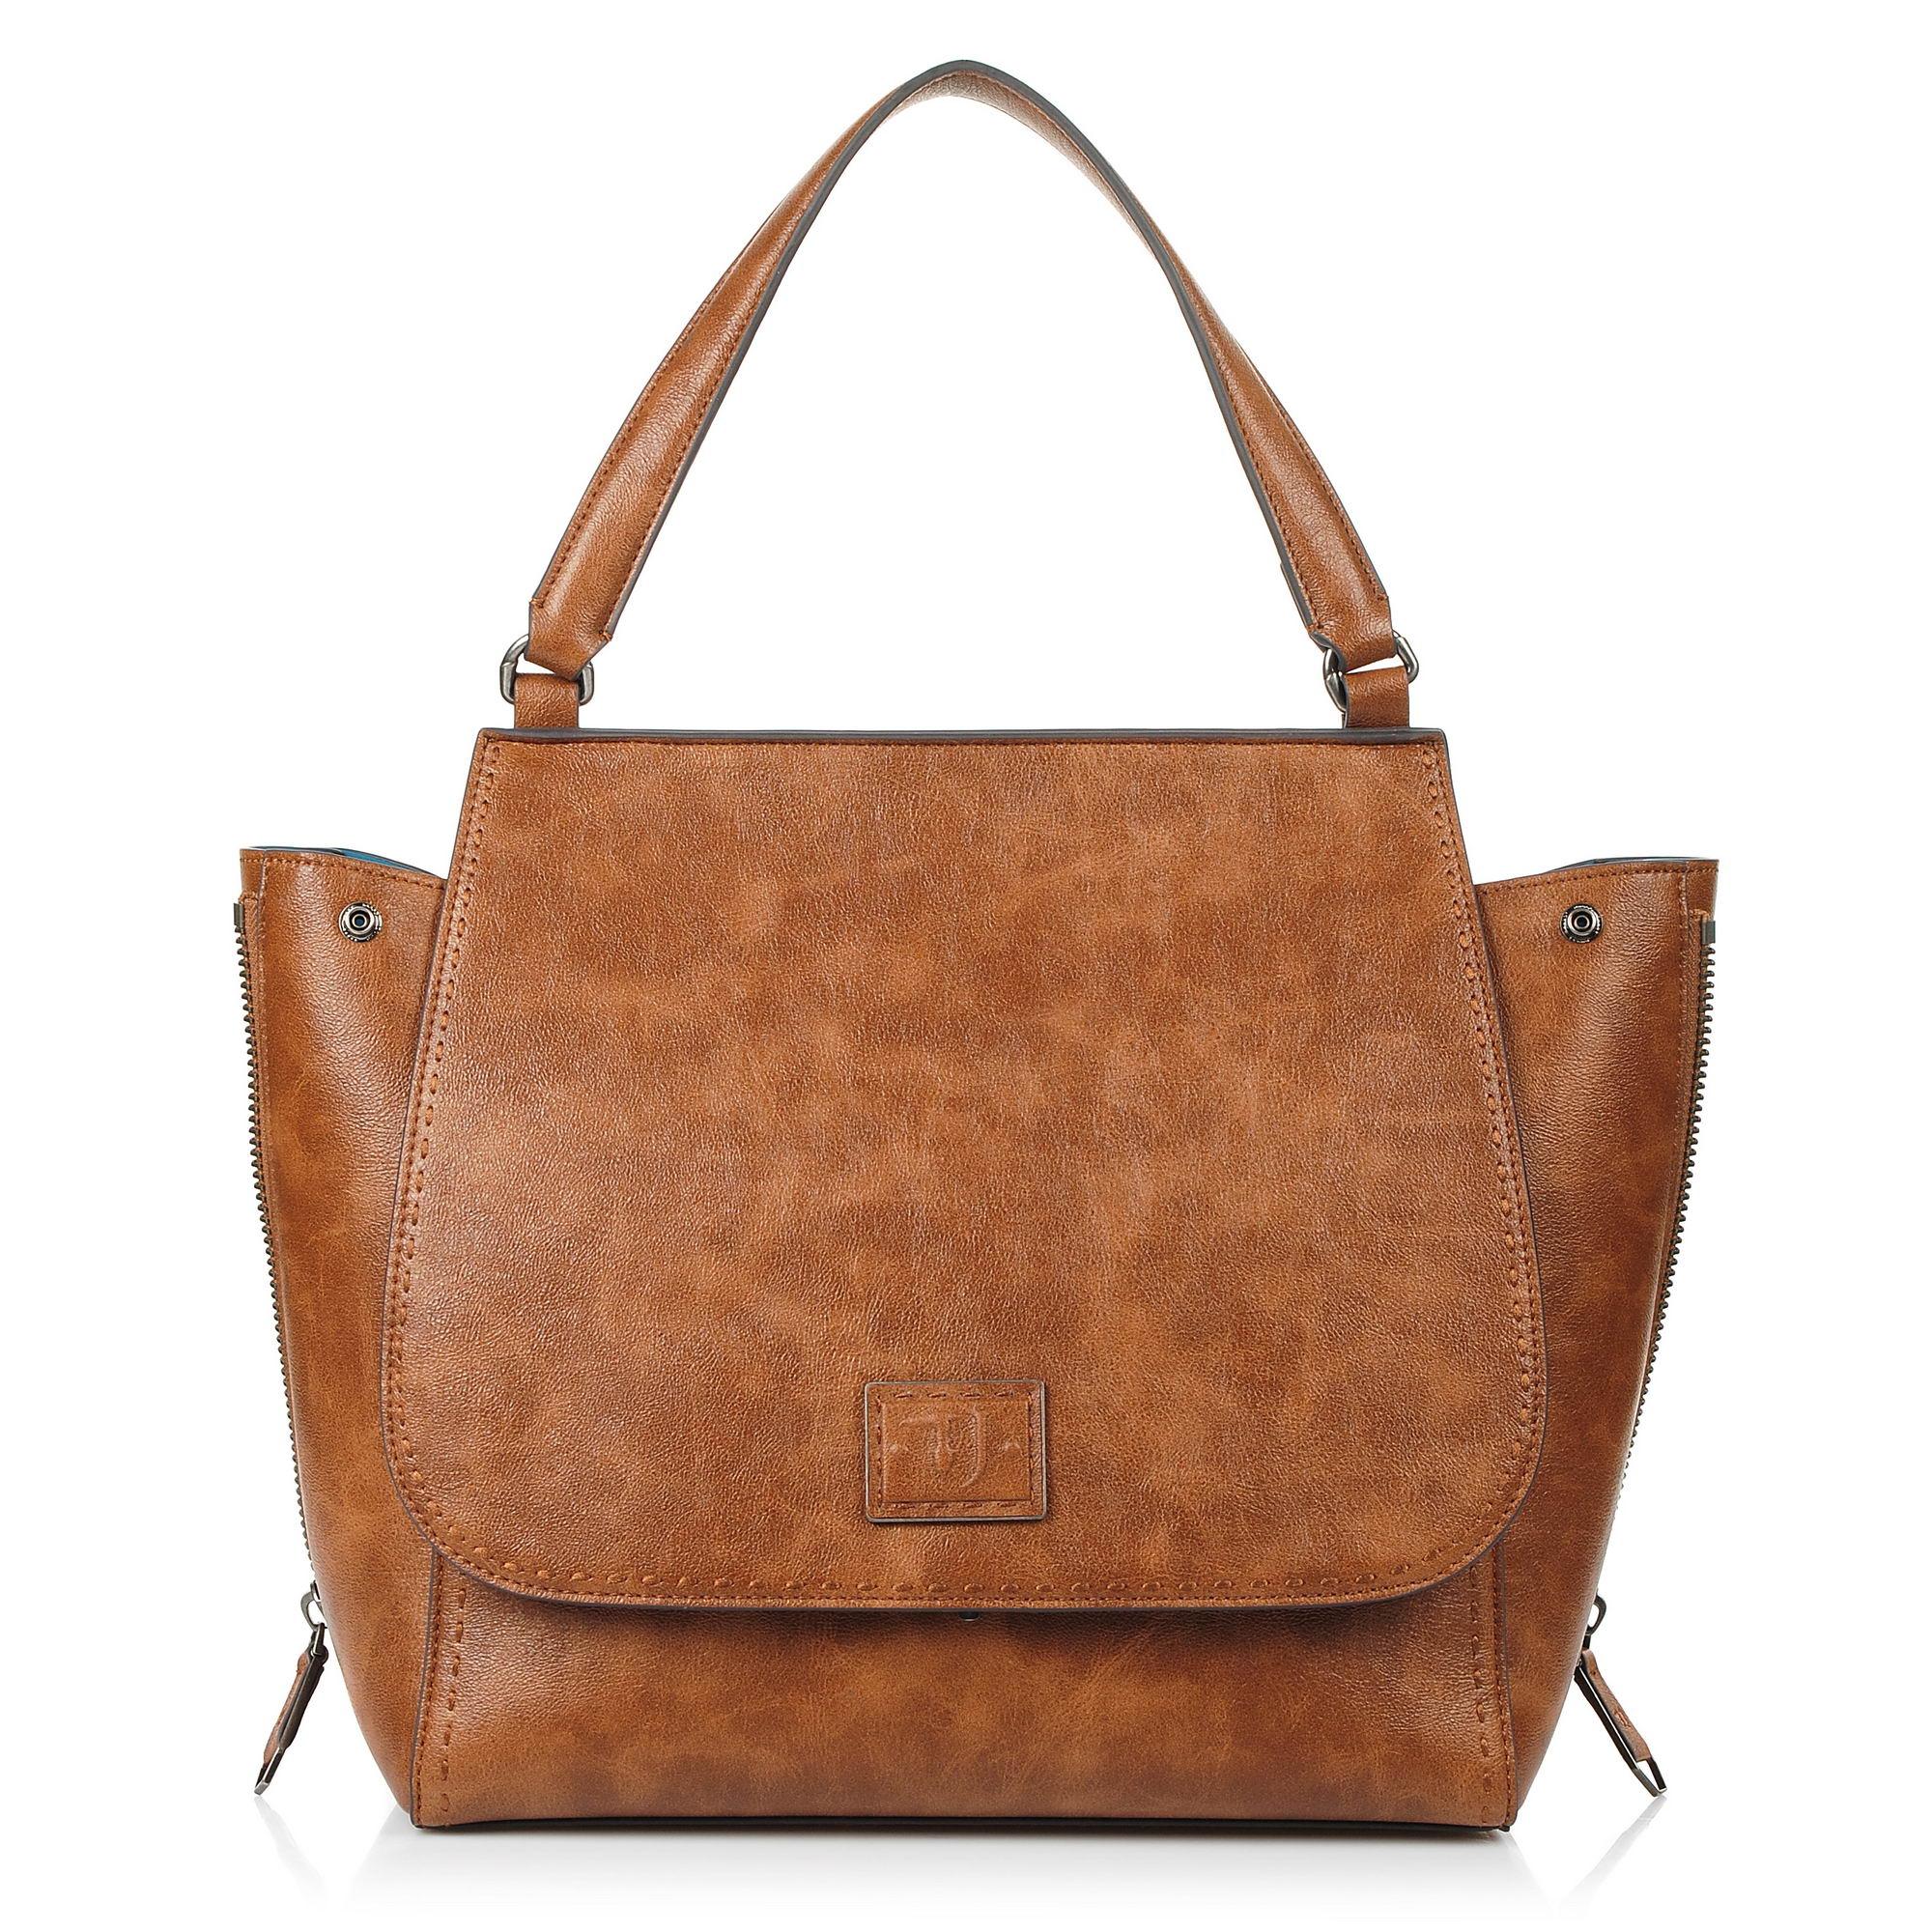 Τσάντα Ώμου Trussardi Jeans Zenzero Handle Bag Ecoleather Tumbled 75B00496 γυναικα   γυναικεία τσάντα